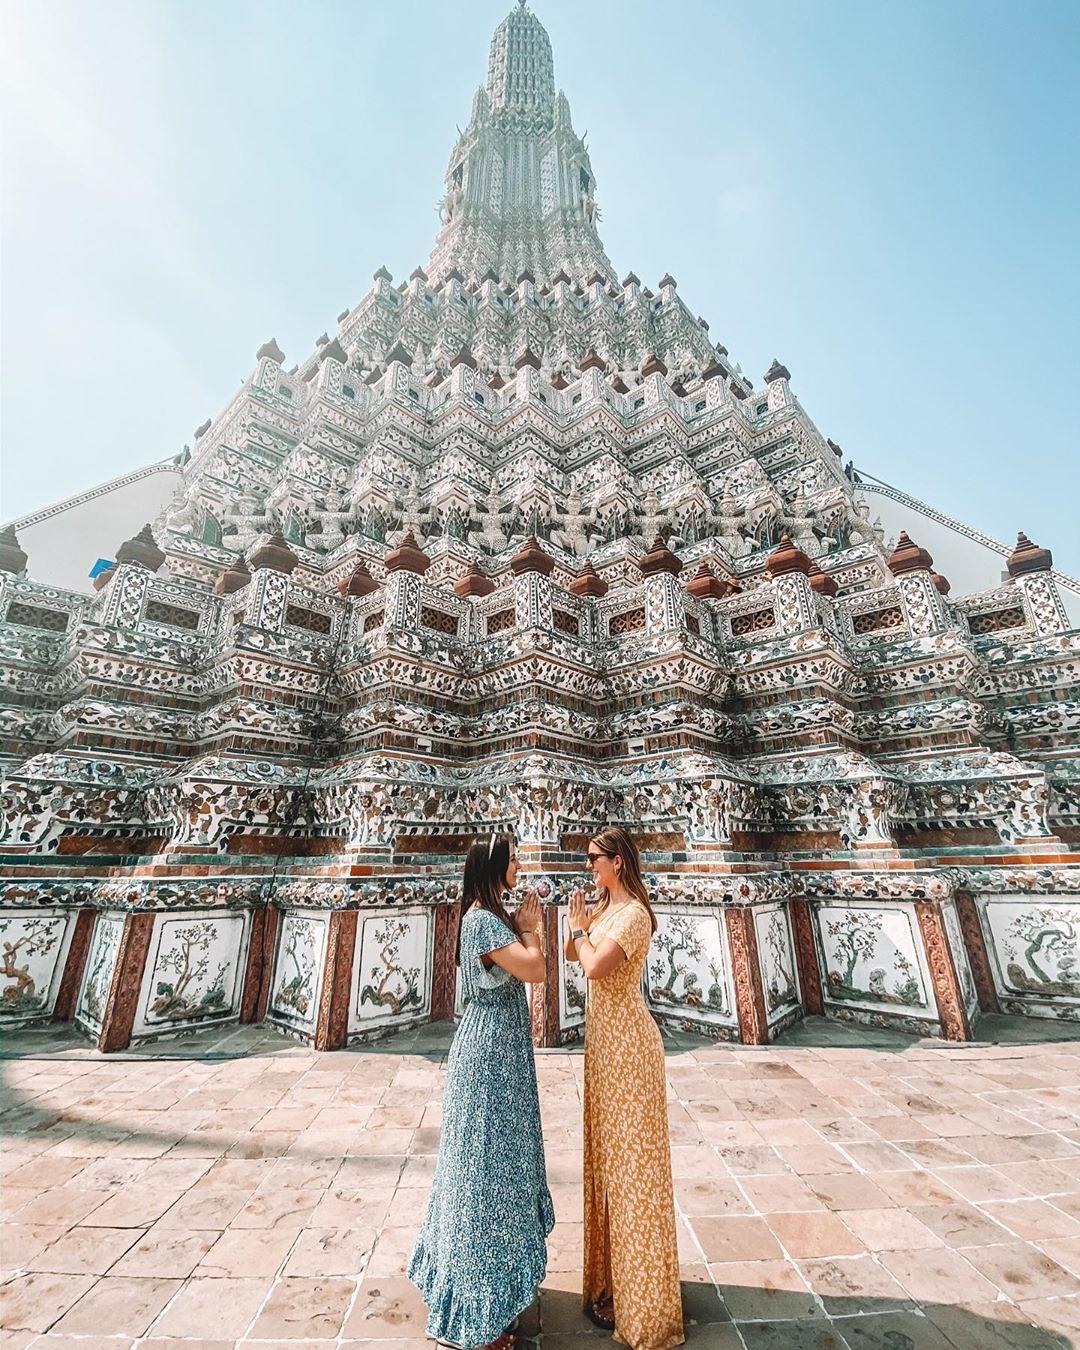 tour-thai-lan-5N4D -TP.HCM - BangKok - Pattaya-chi-6490000-dong-ivivu-10